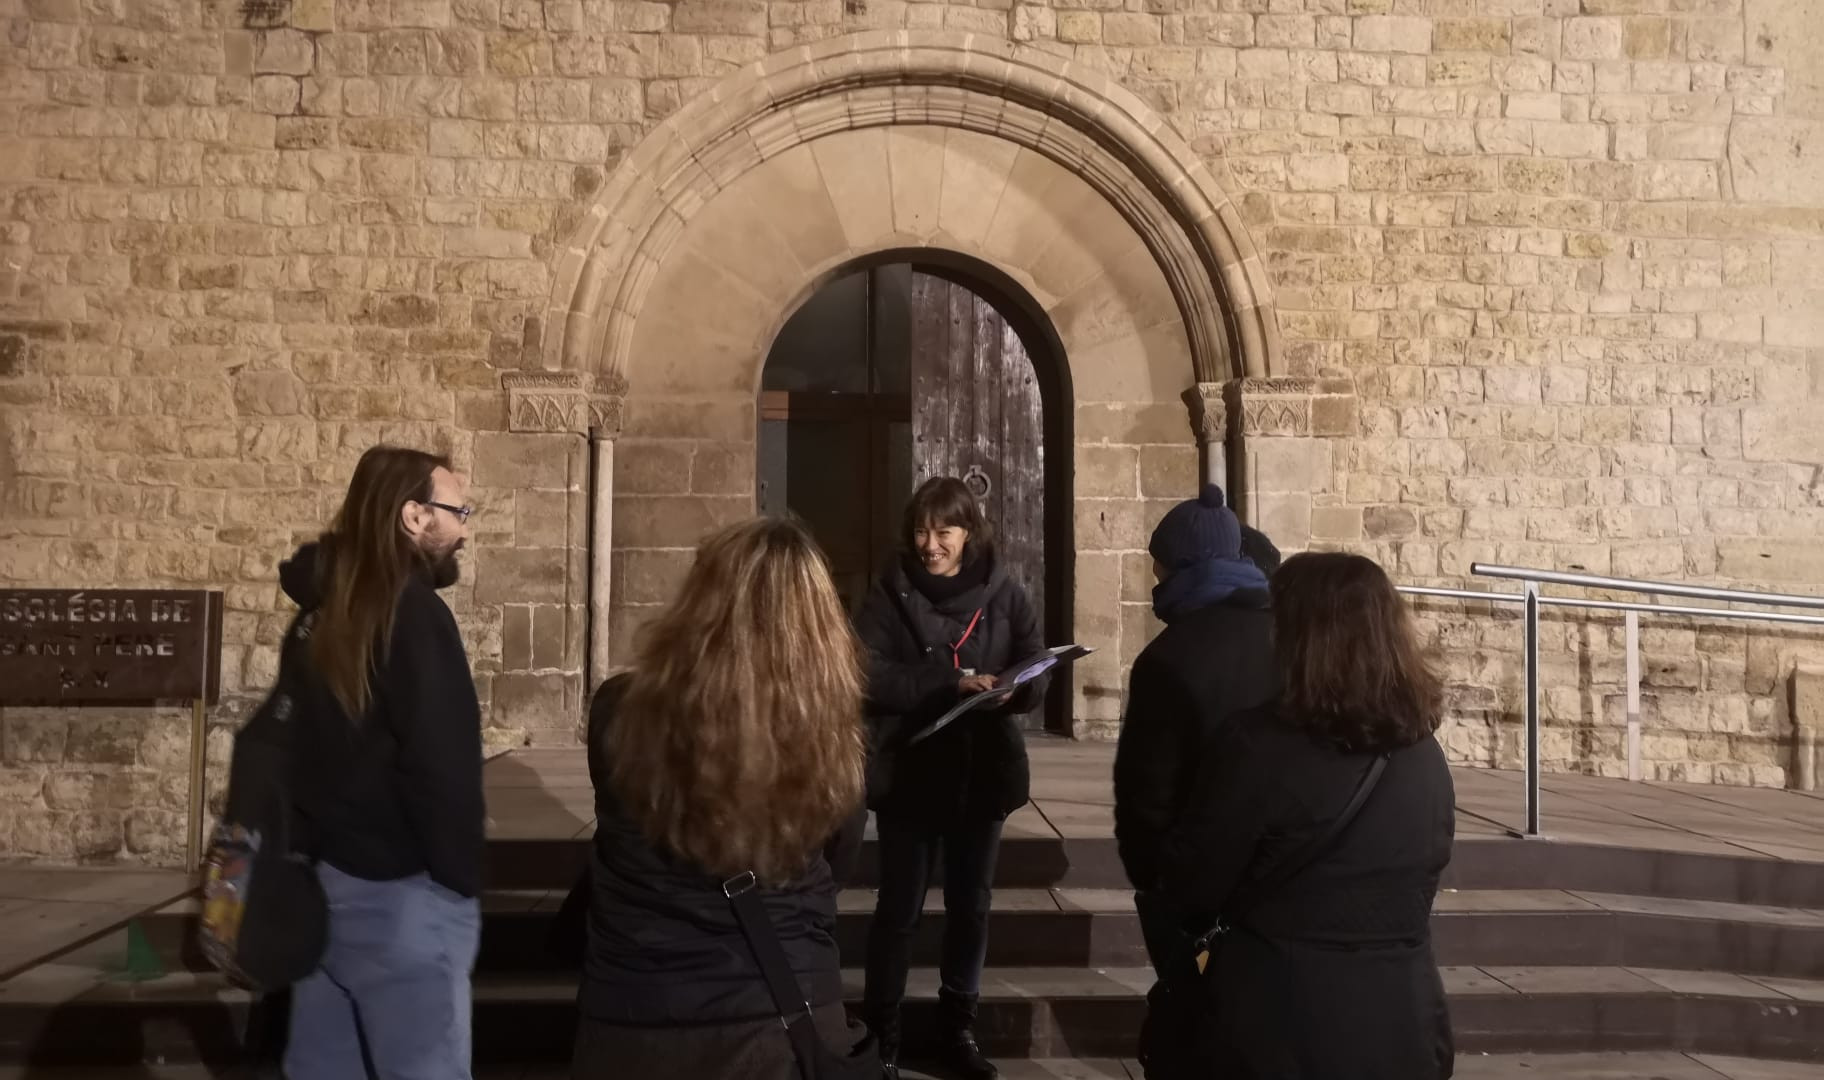 Visita guiada església sant pere de rubí